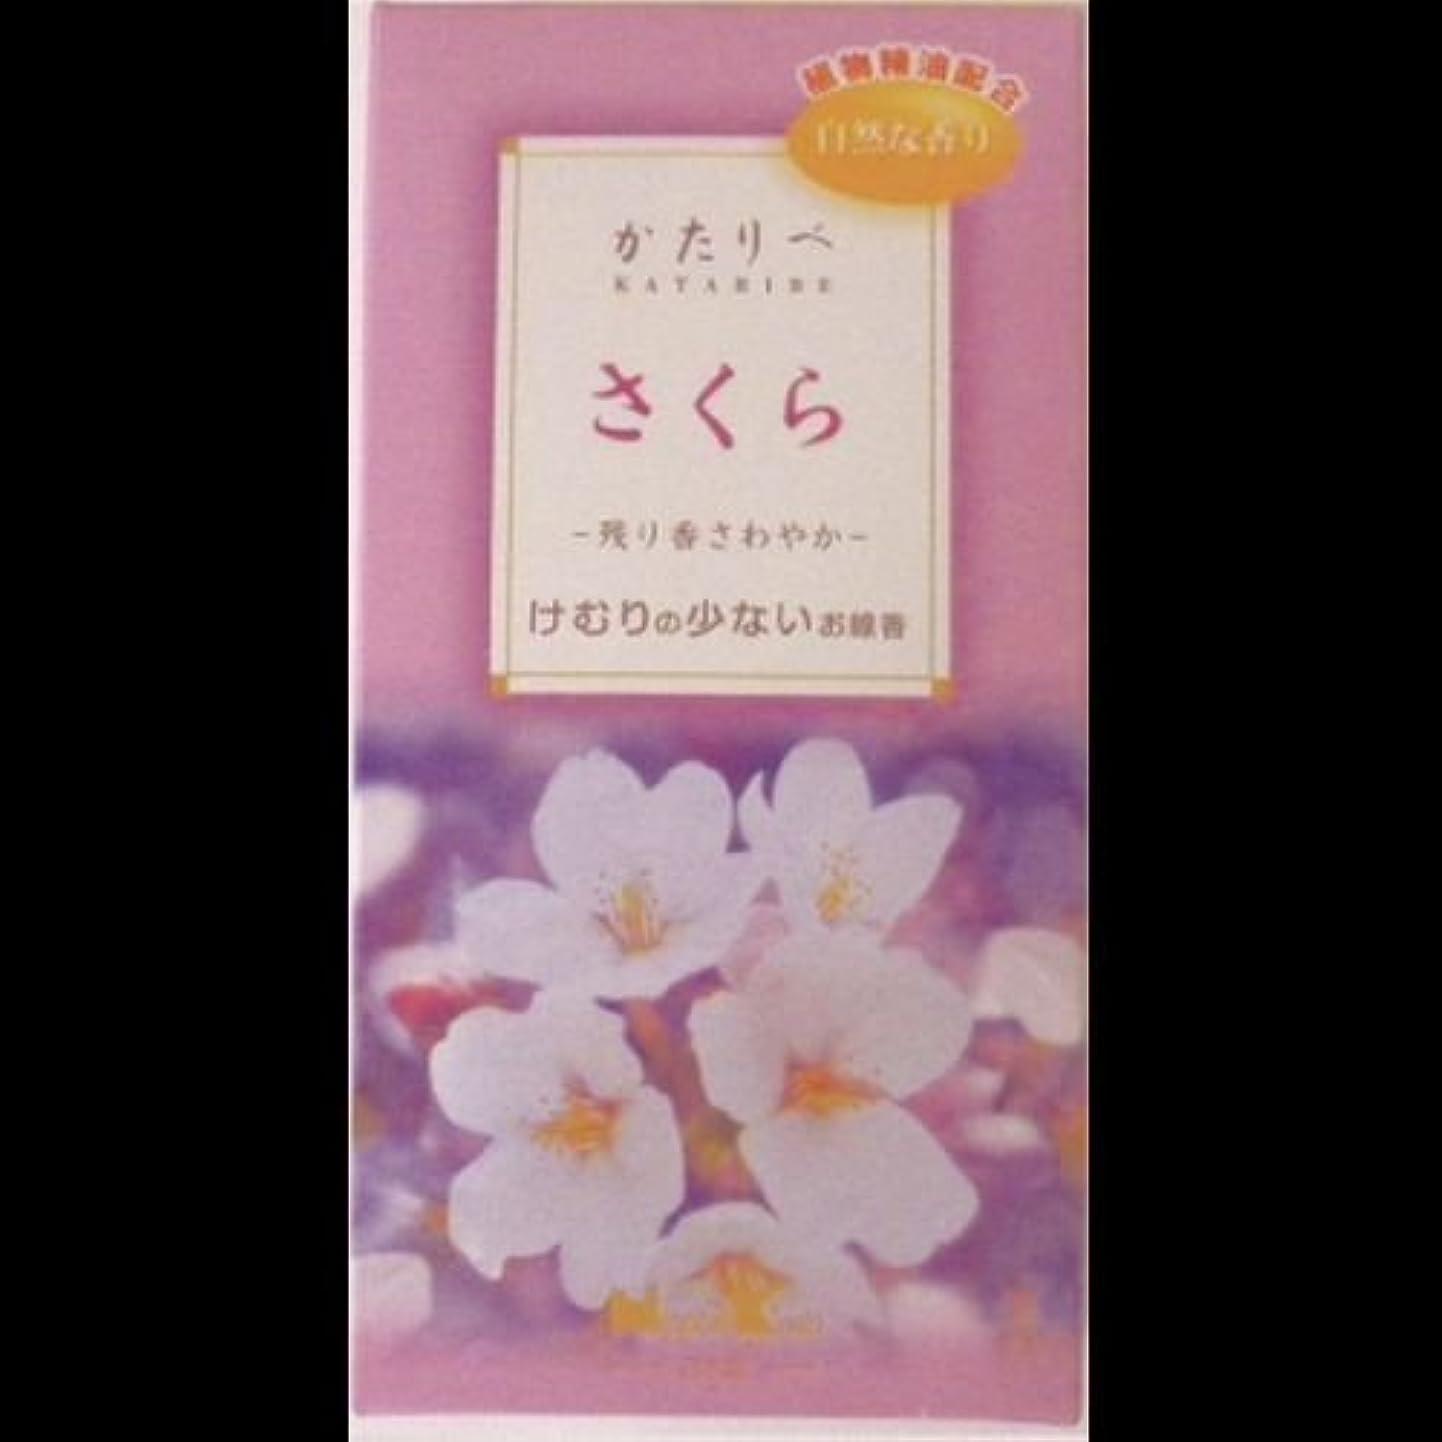 酸化する超えてどうやって【まとめ買い】かたりべ さくら バラ詰 ×2セット